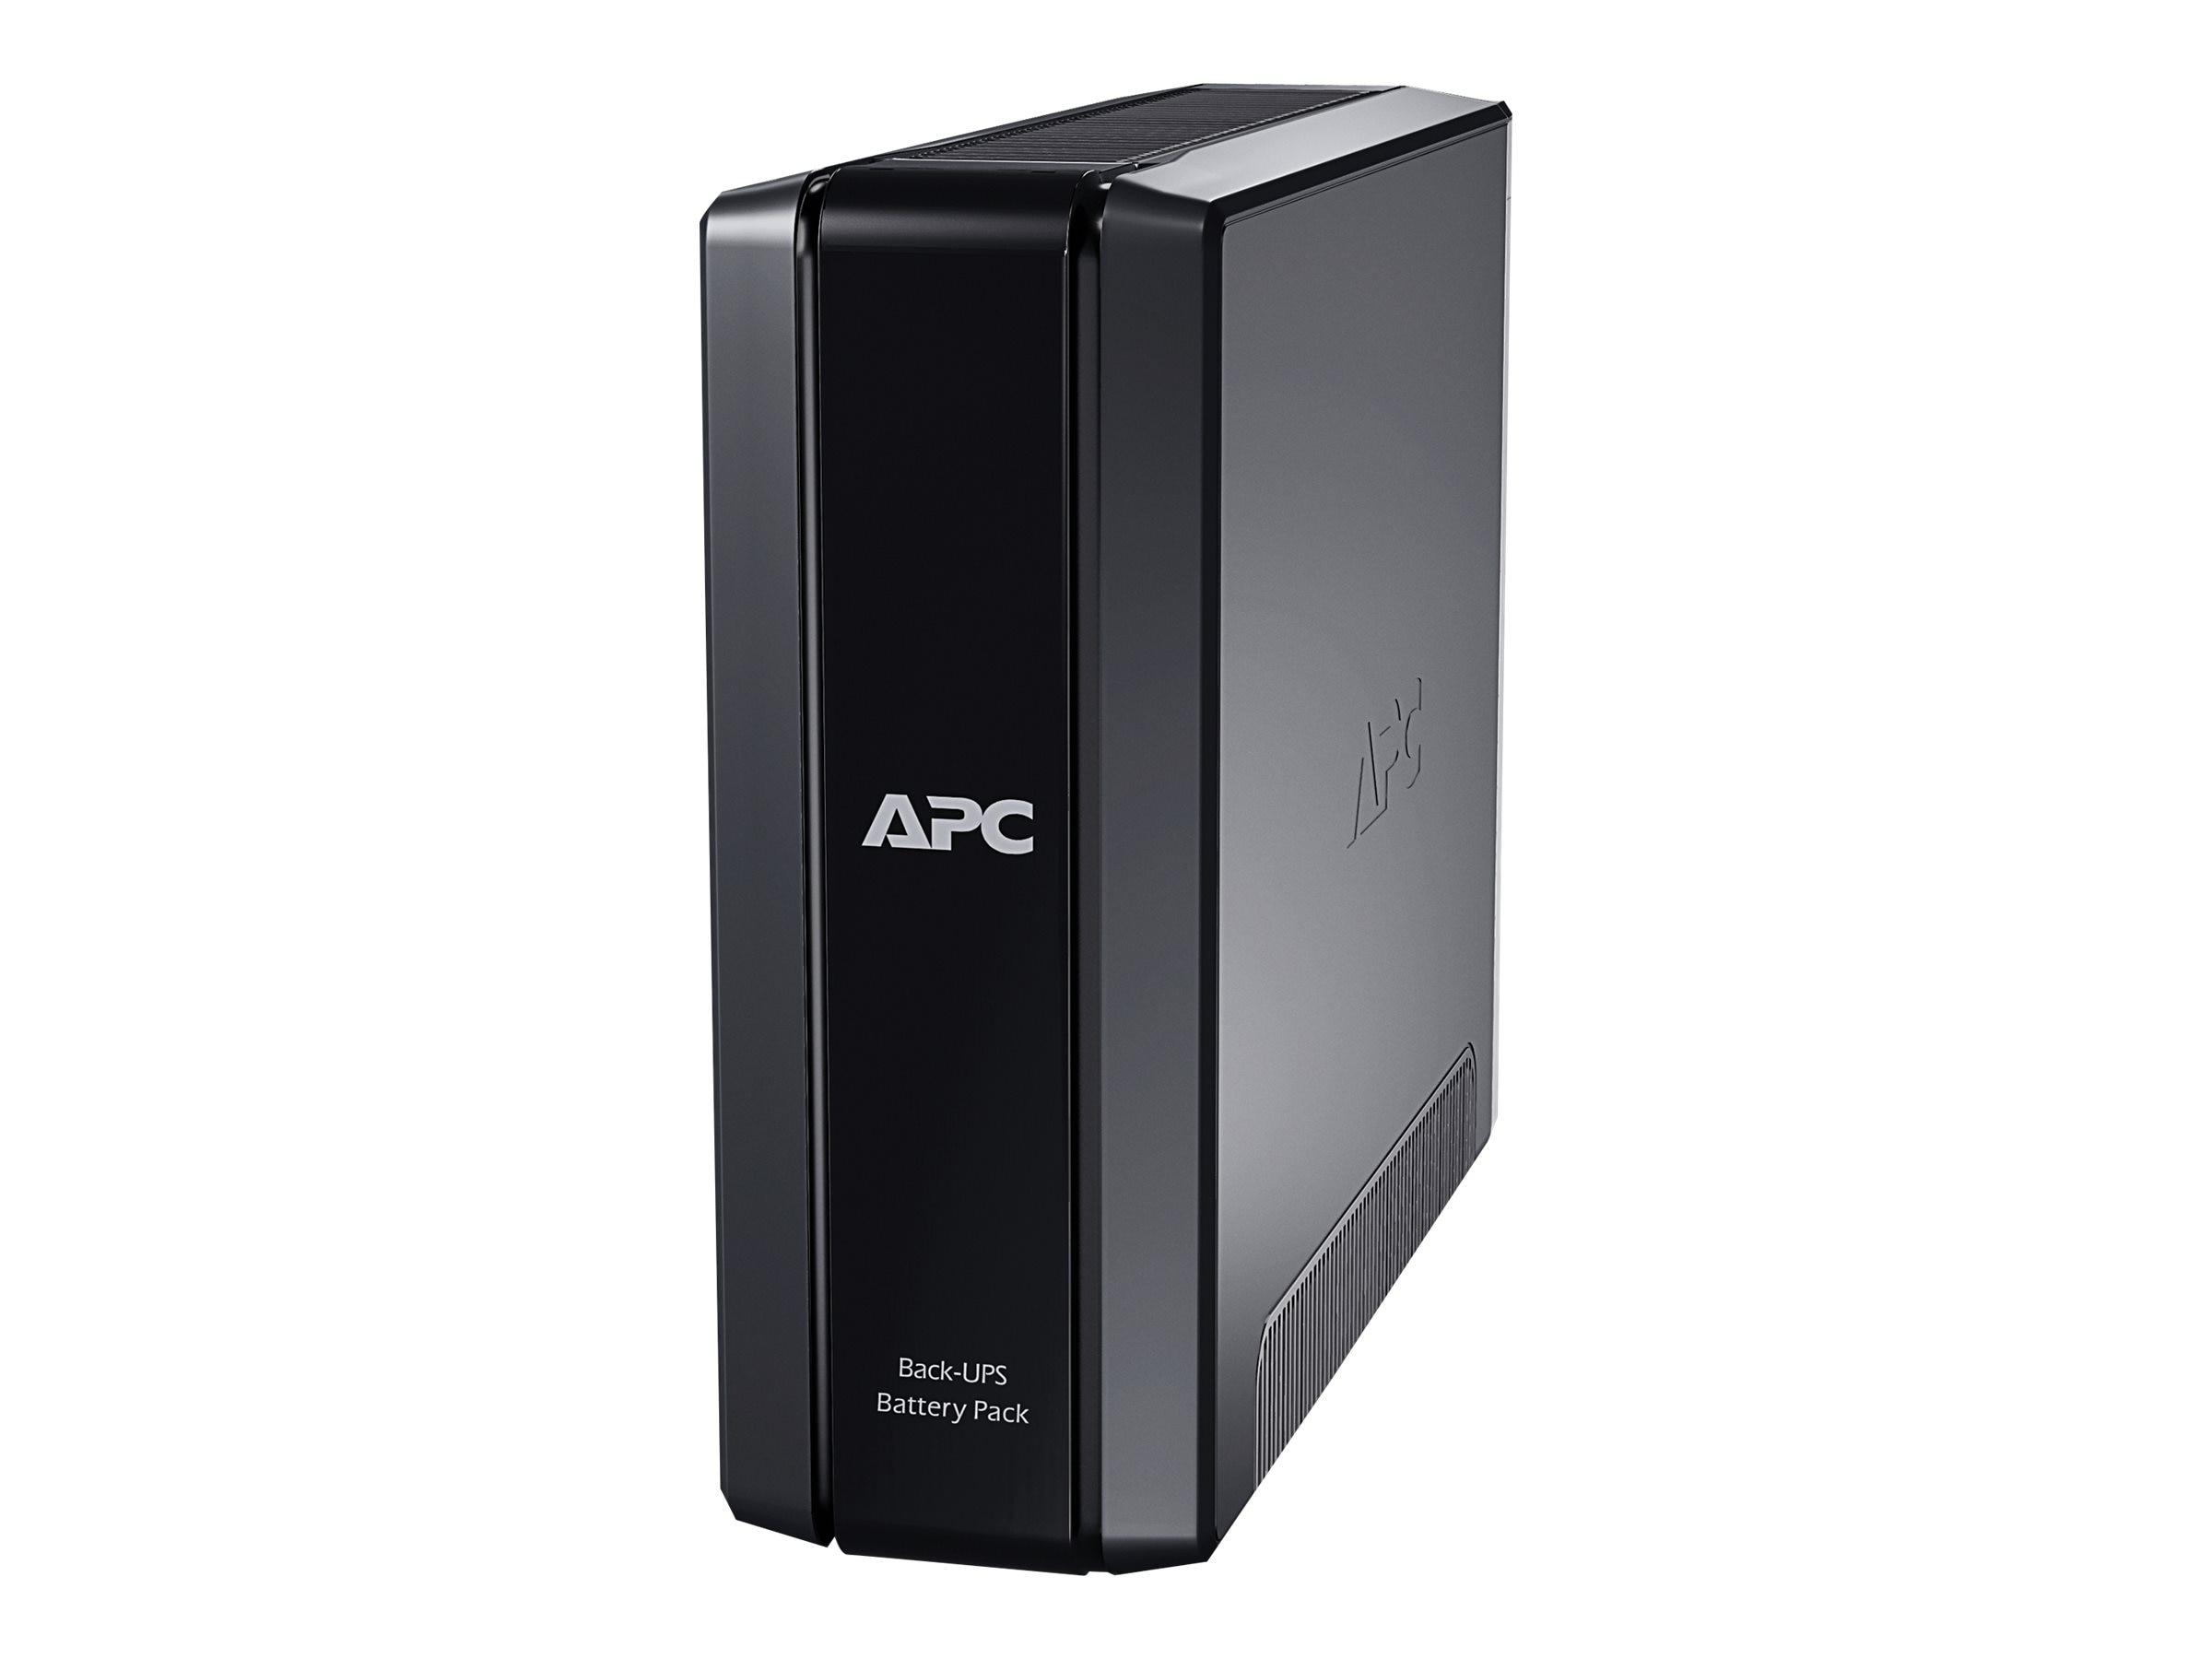 APC Back-UPS RS 24V Battery Pack, BR24BPG, 12085961, Batteries - Other